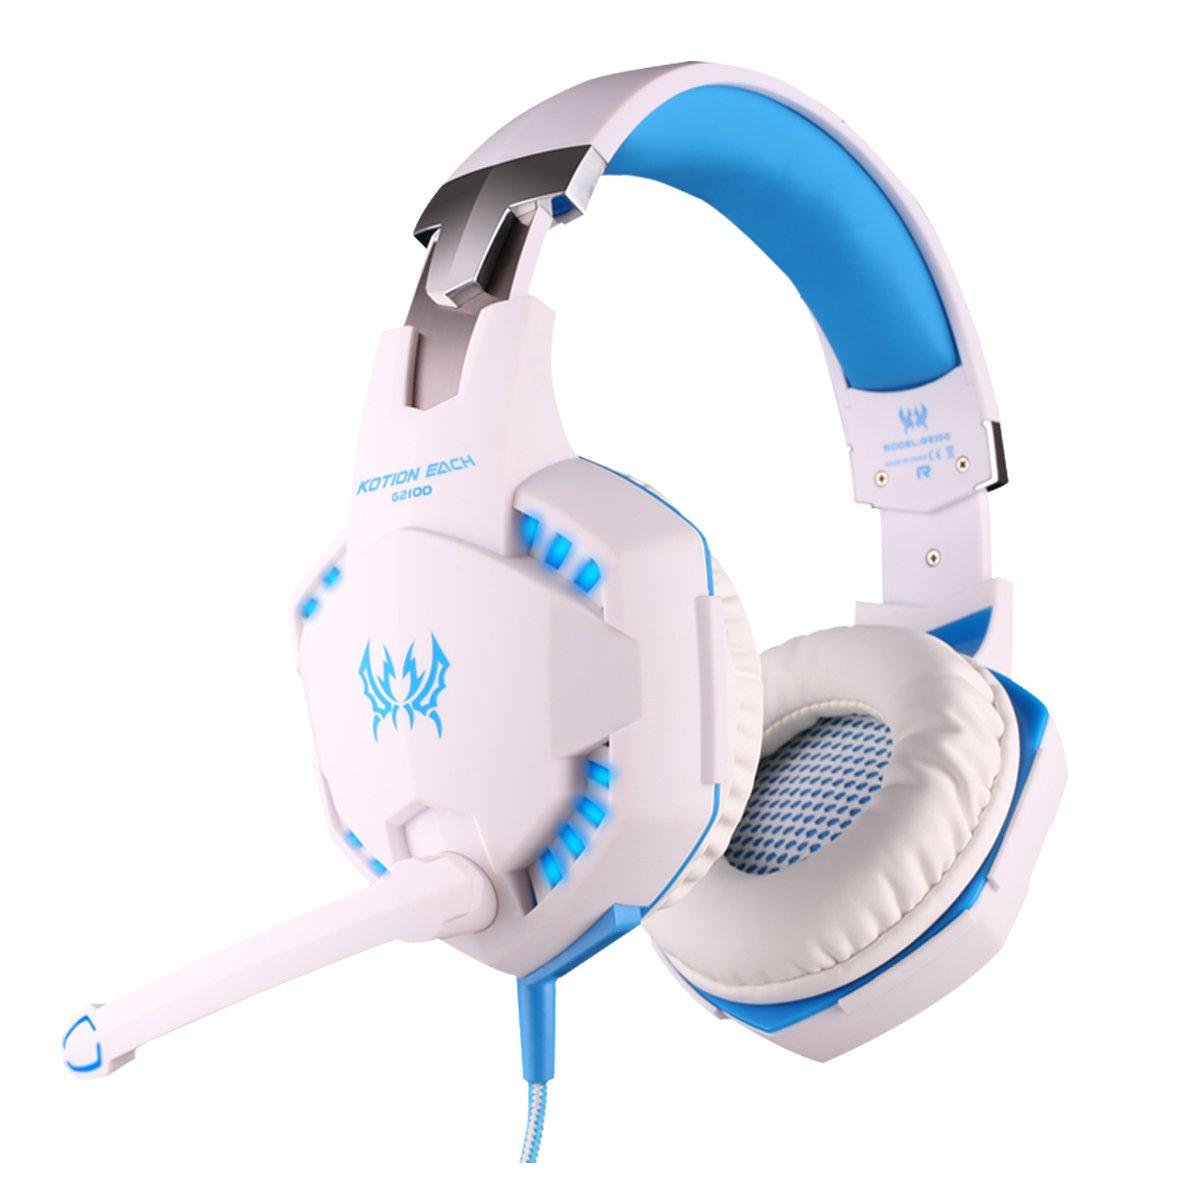 KingTop EACH G2000 Gaming Casque Oreillettes é couteur avec micro Basse sté ré o LED pour PC Game, Bleu et Noir JalonC 3MQ1418270705580V8